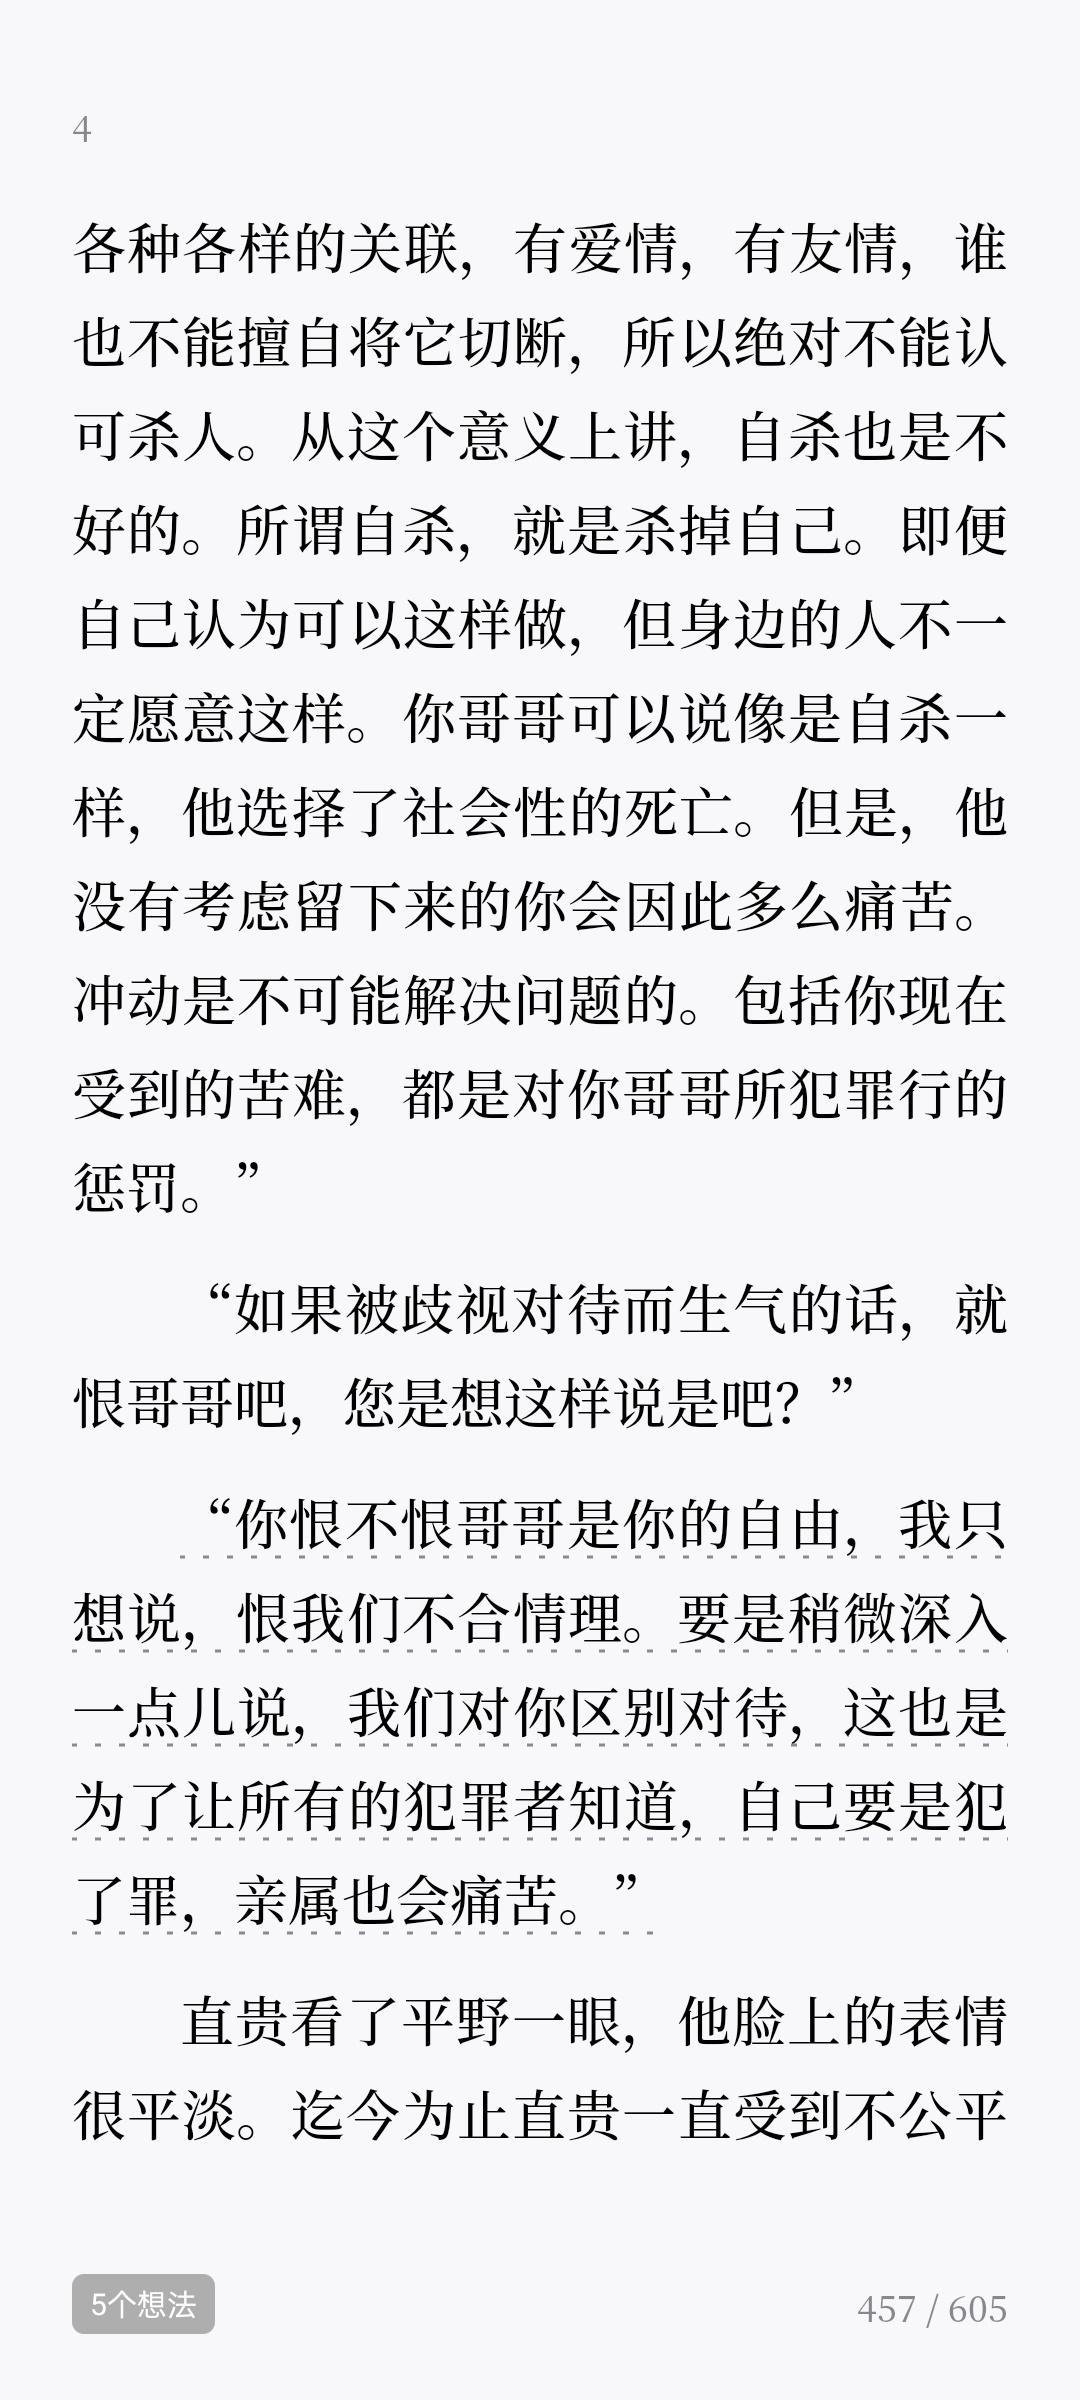 东野圭吾的信中关于如何从社会性死亡中存活的一段话……